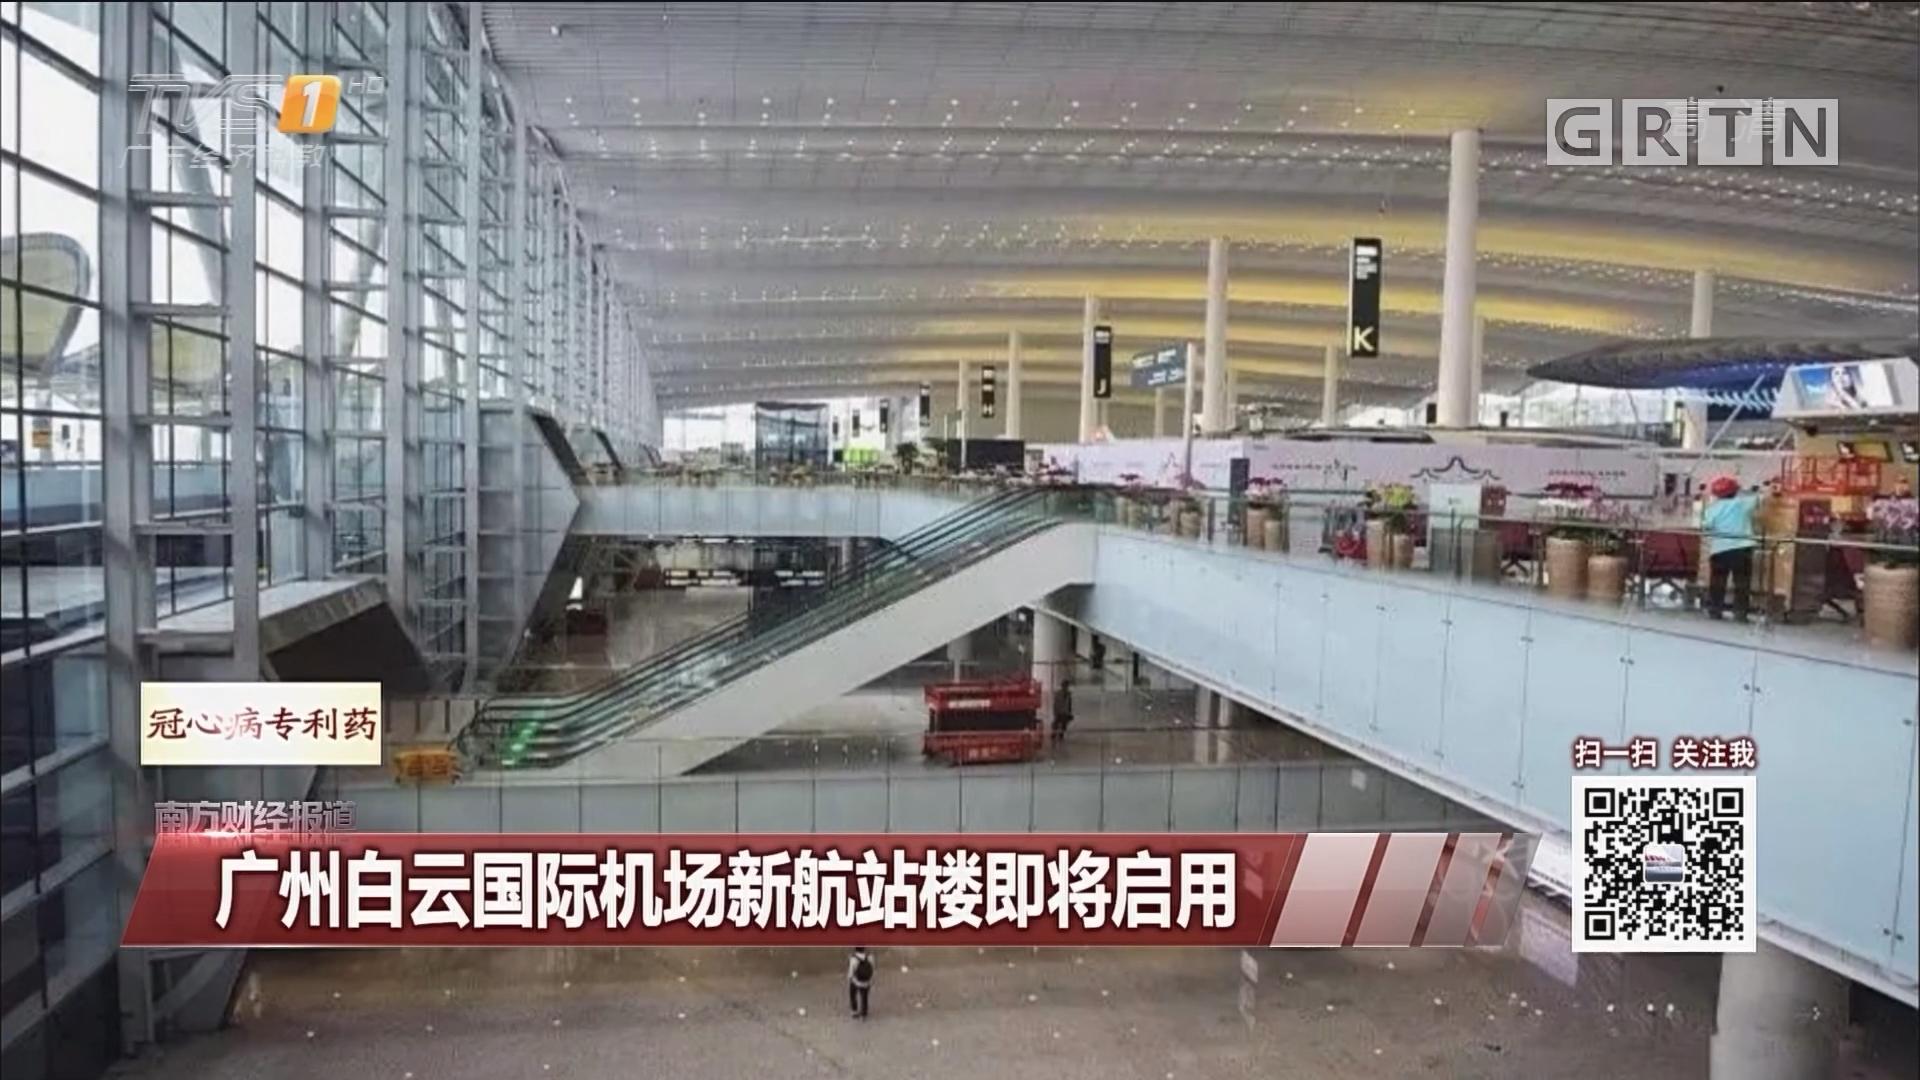 广州白云国际机场新航站楼即将启用